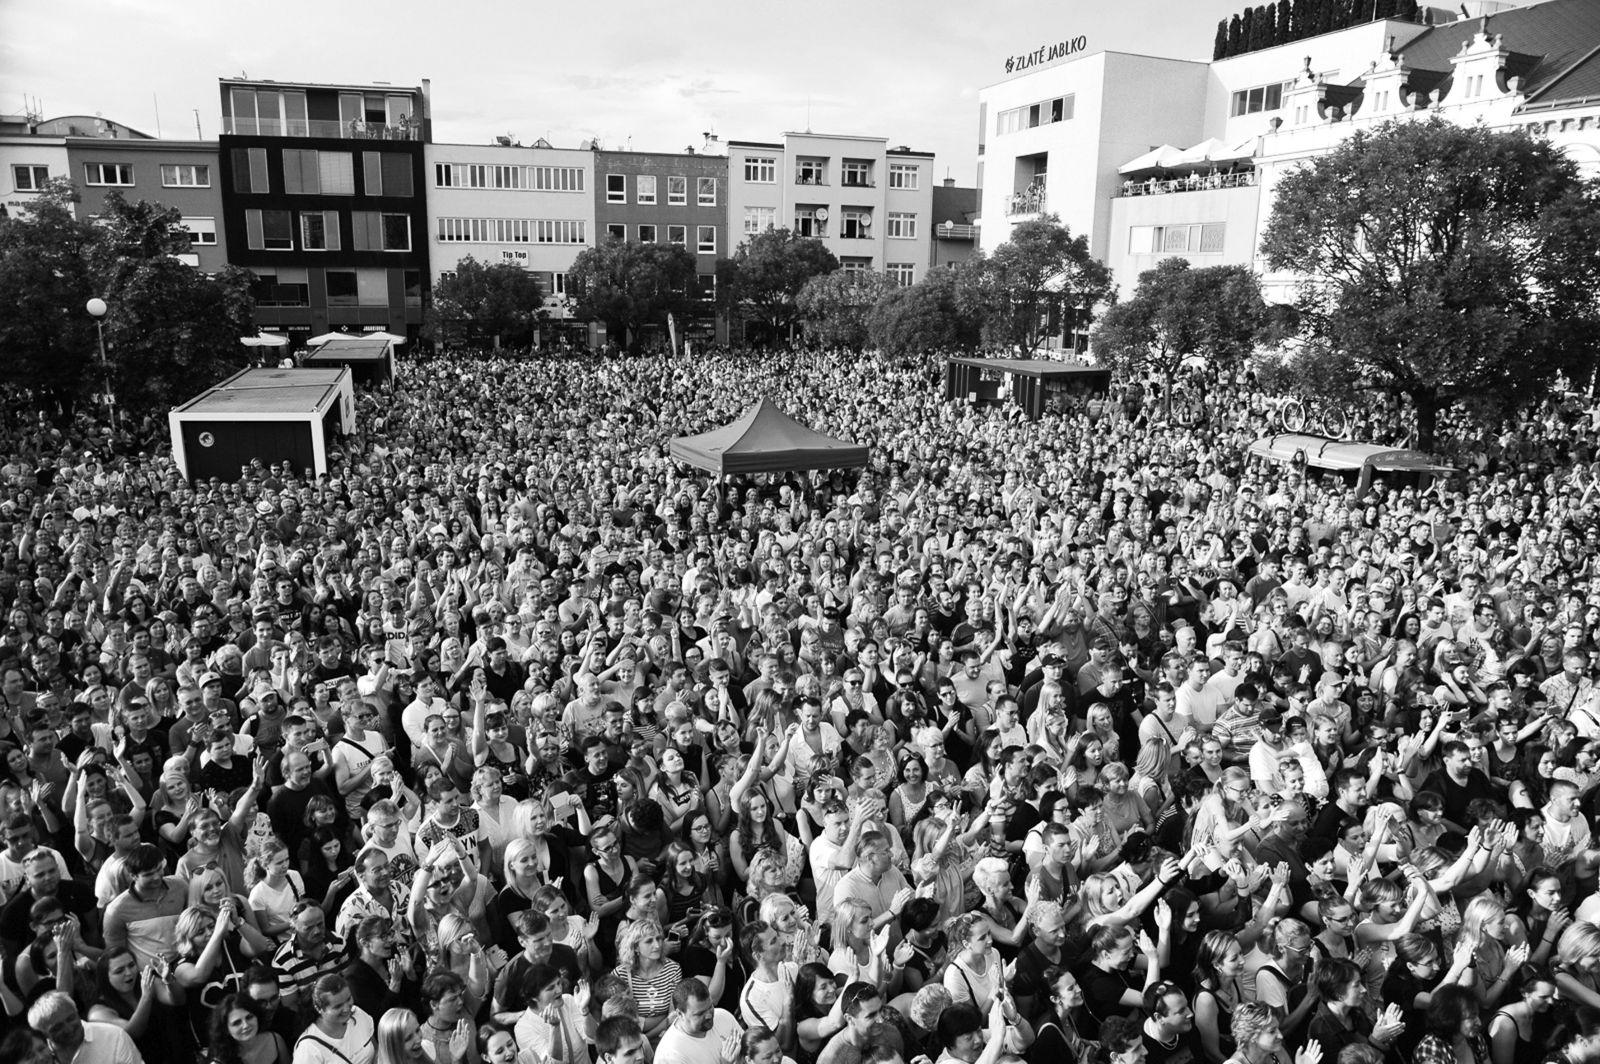 Festival se vždy těšil hojné návštěvnosti